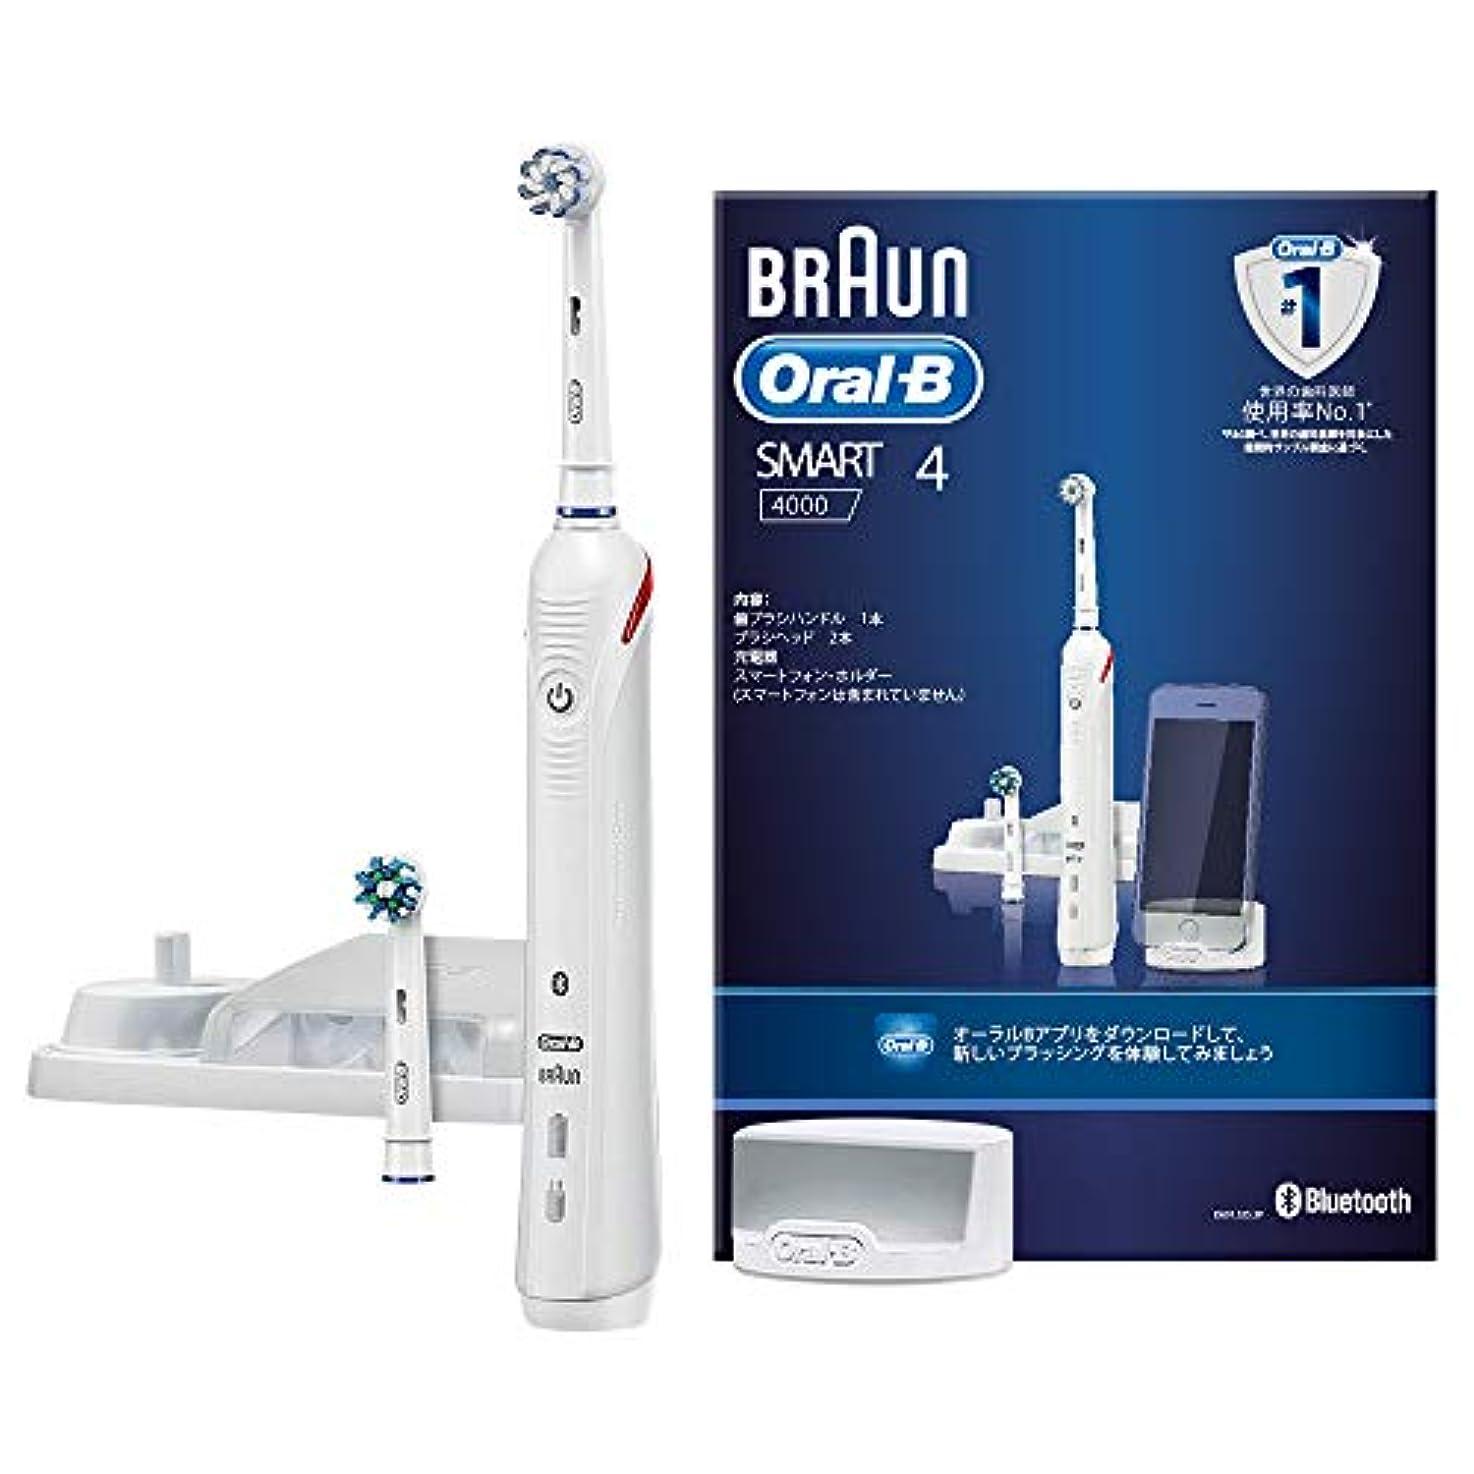 ブート未払い優しいブラウン オーラルB 電動歯ブラシ スマート4000 D6015253P